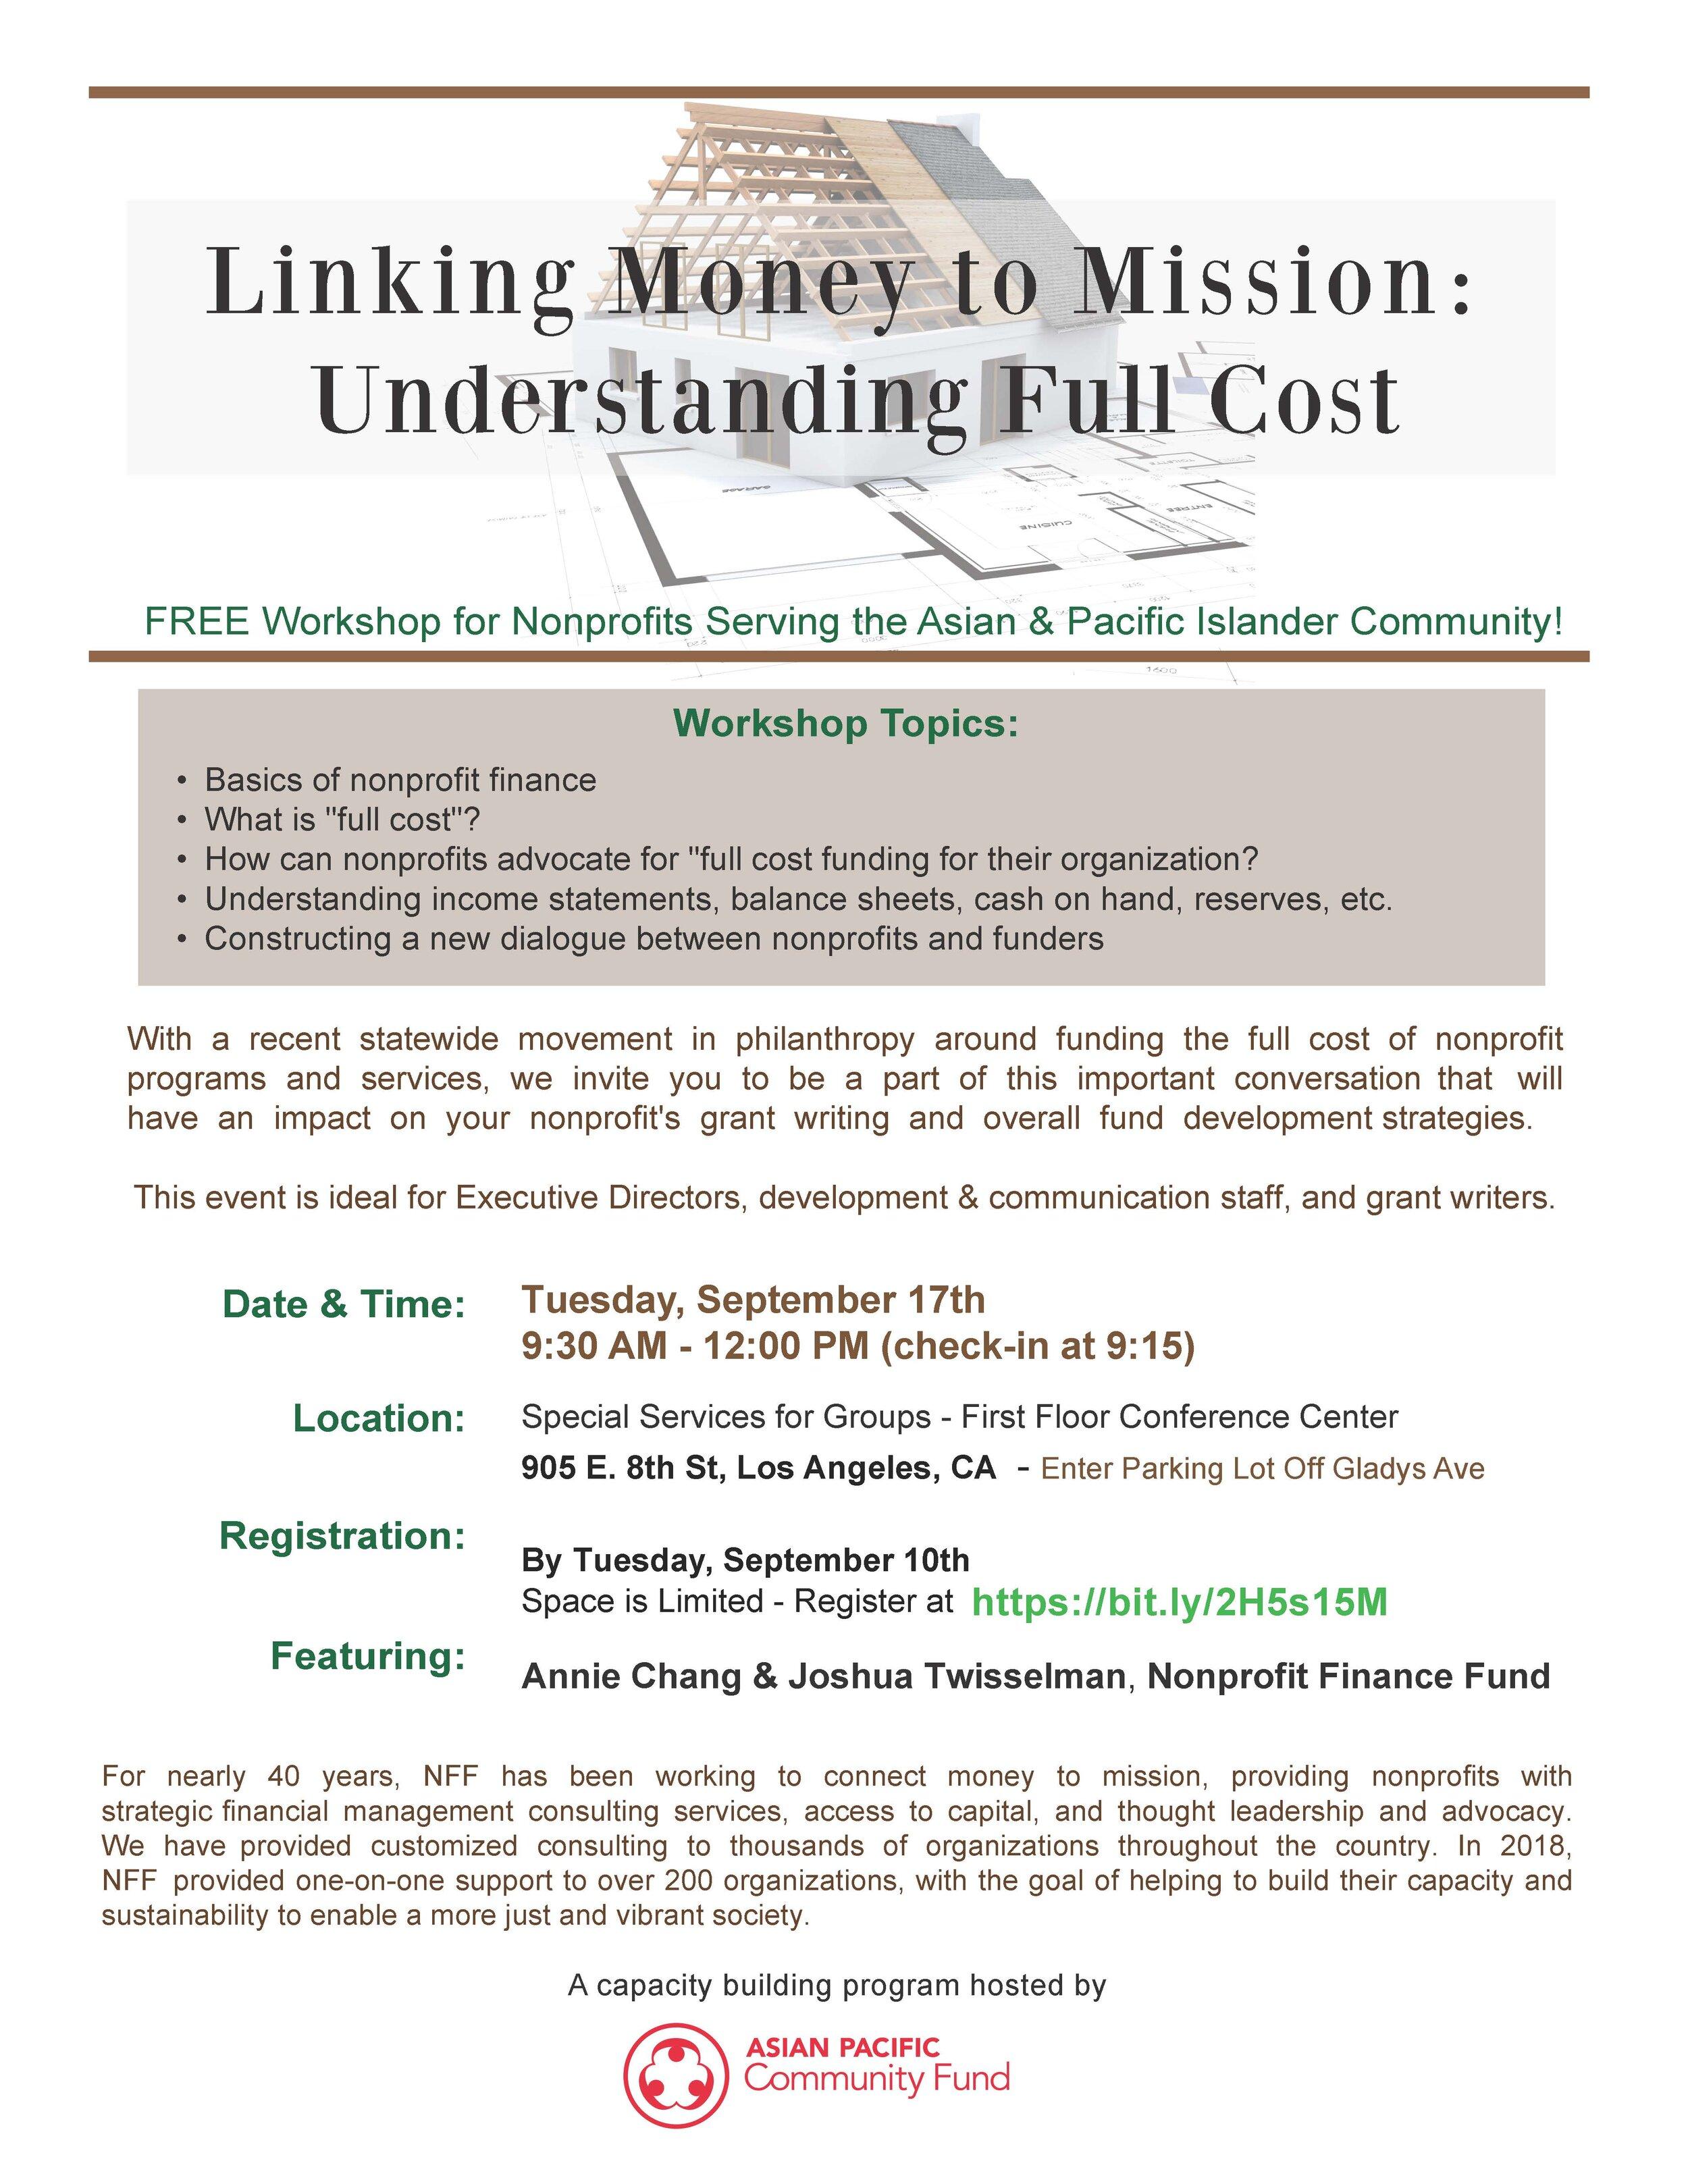 Understanding Full Cost workshop flier 9-17-19.jpg